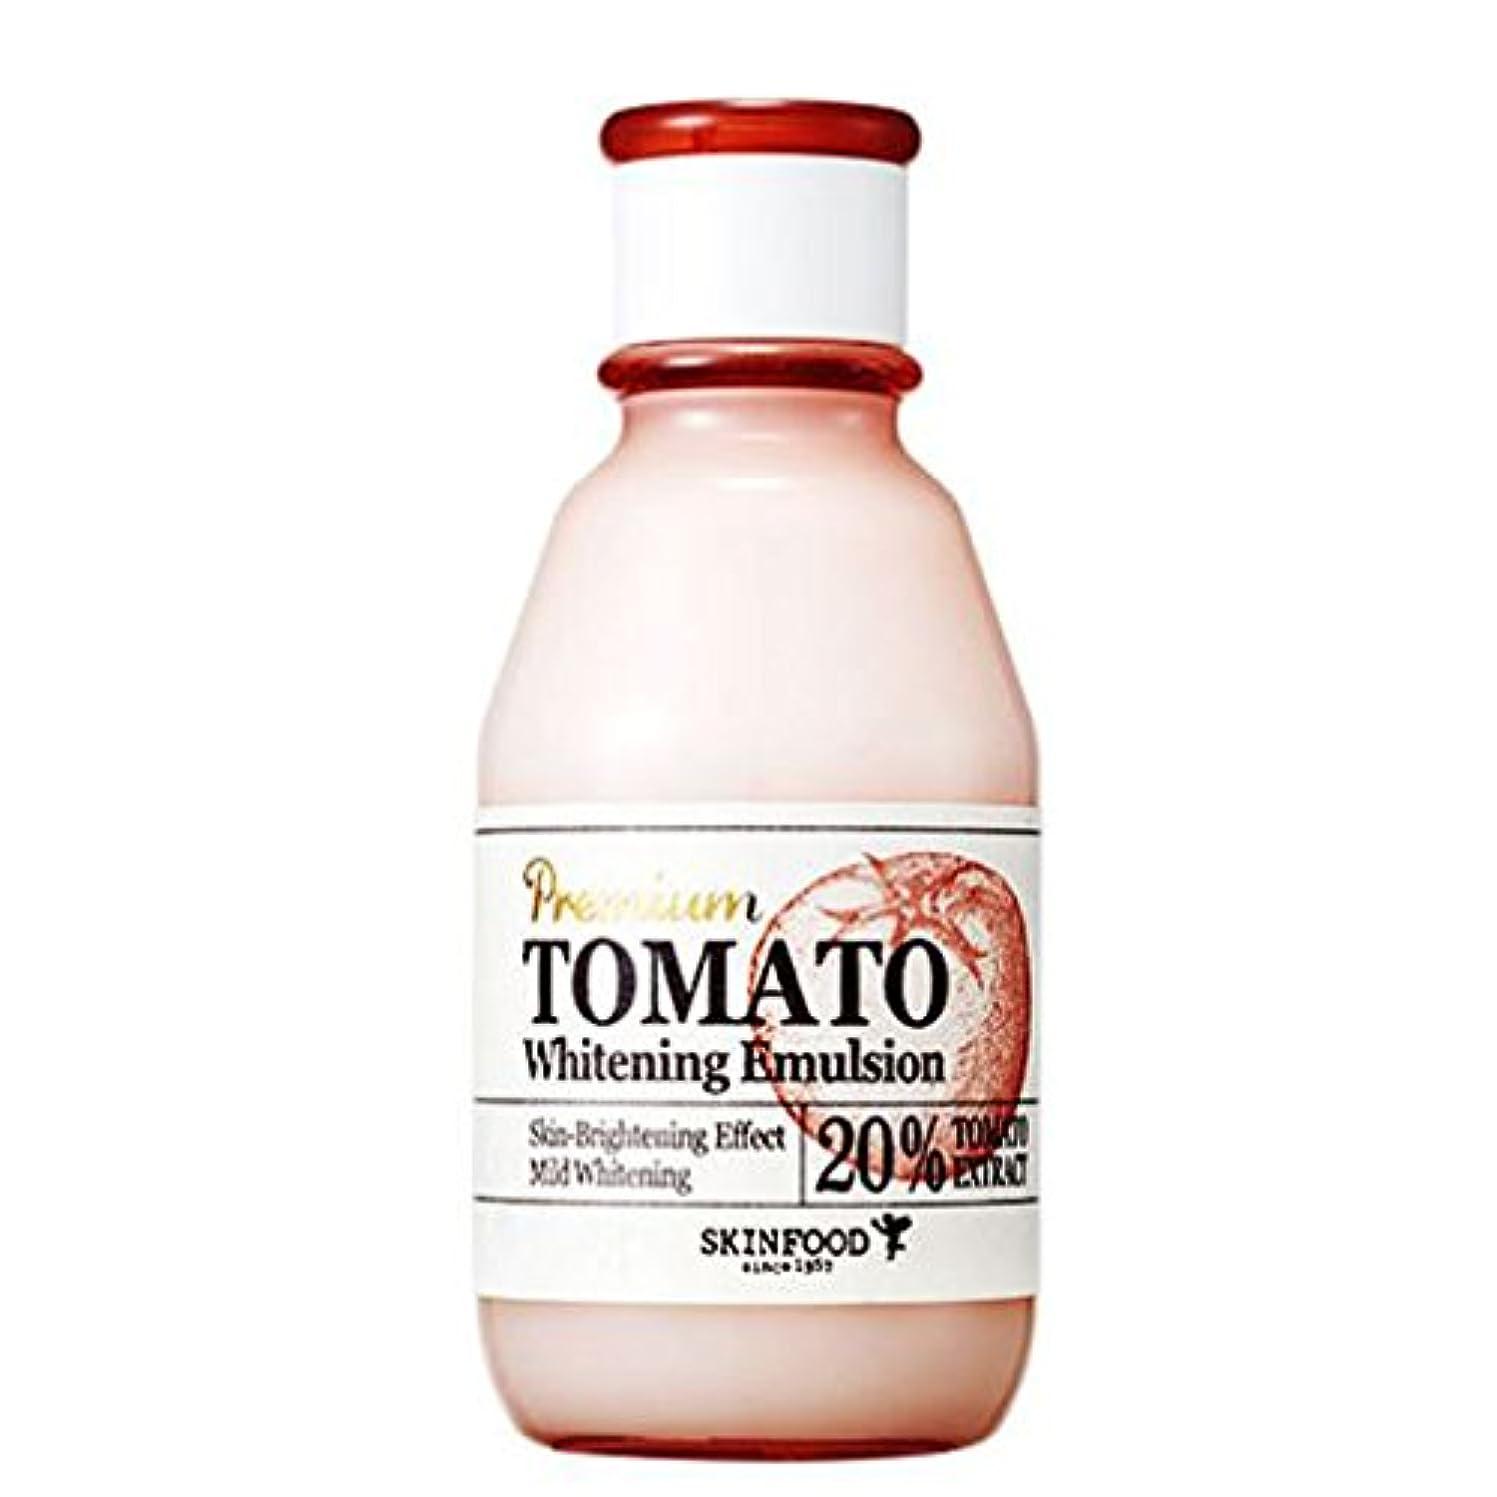 バーテメリティ倍率スキンフード (SKINFOOD) プレミアムトマト ブライトニング エマルジョン